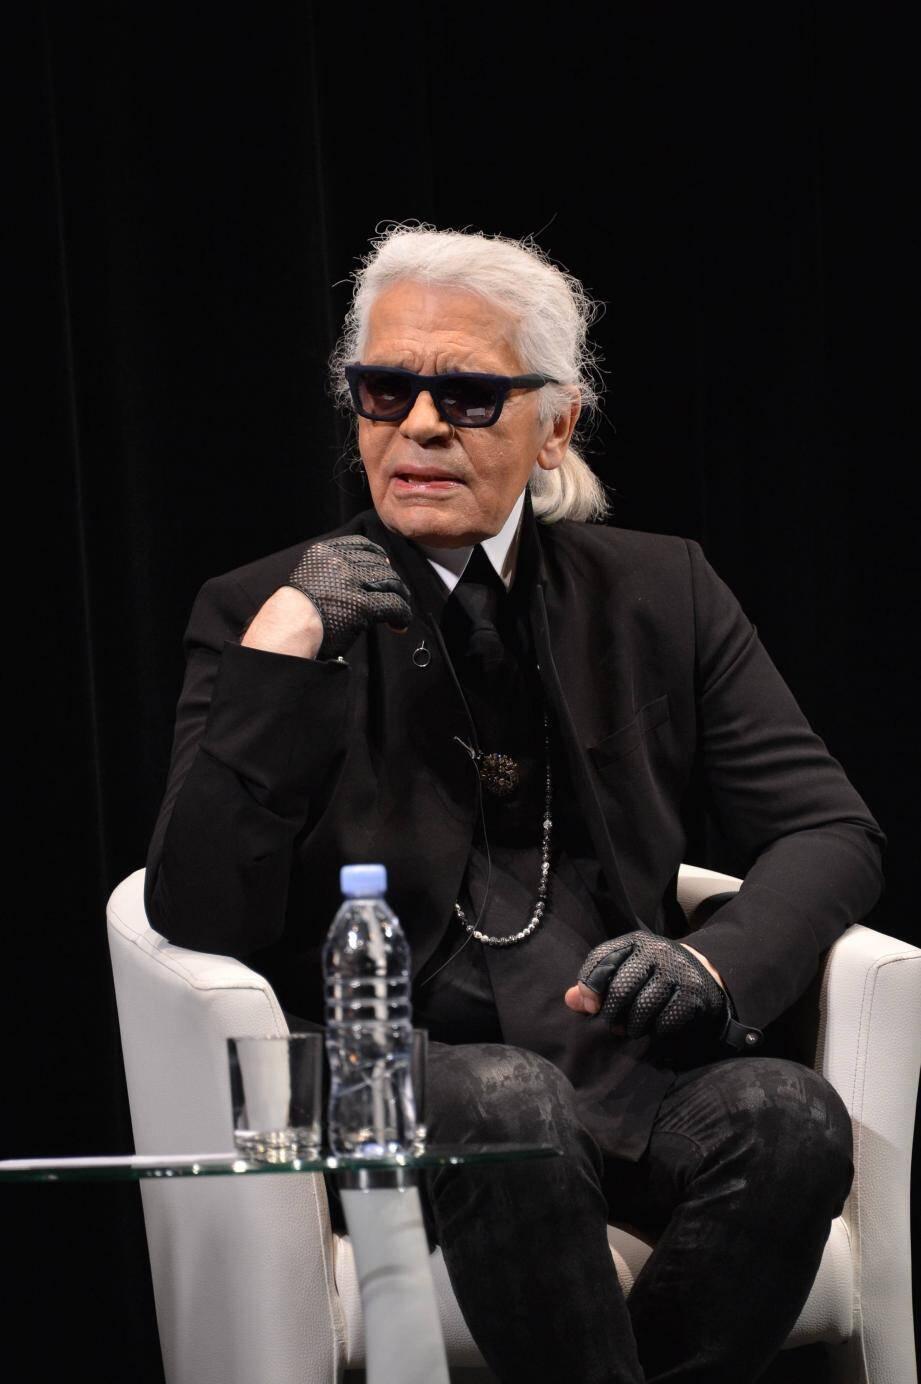 « Je n'ai jamais d'estime pour ce que j'ai fait », disait Karl Lagerfeld, même si travailler était pour lui « aussi naturel que de respirer ».